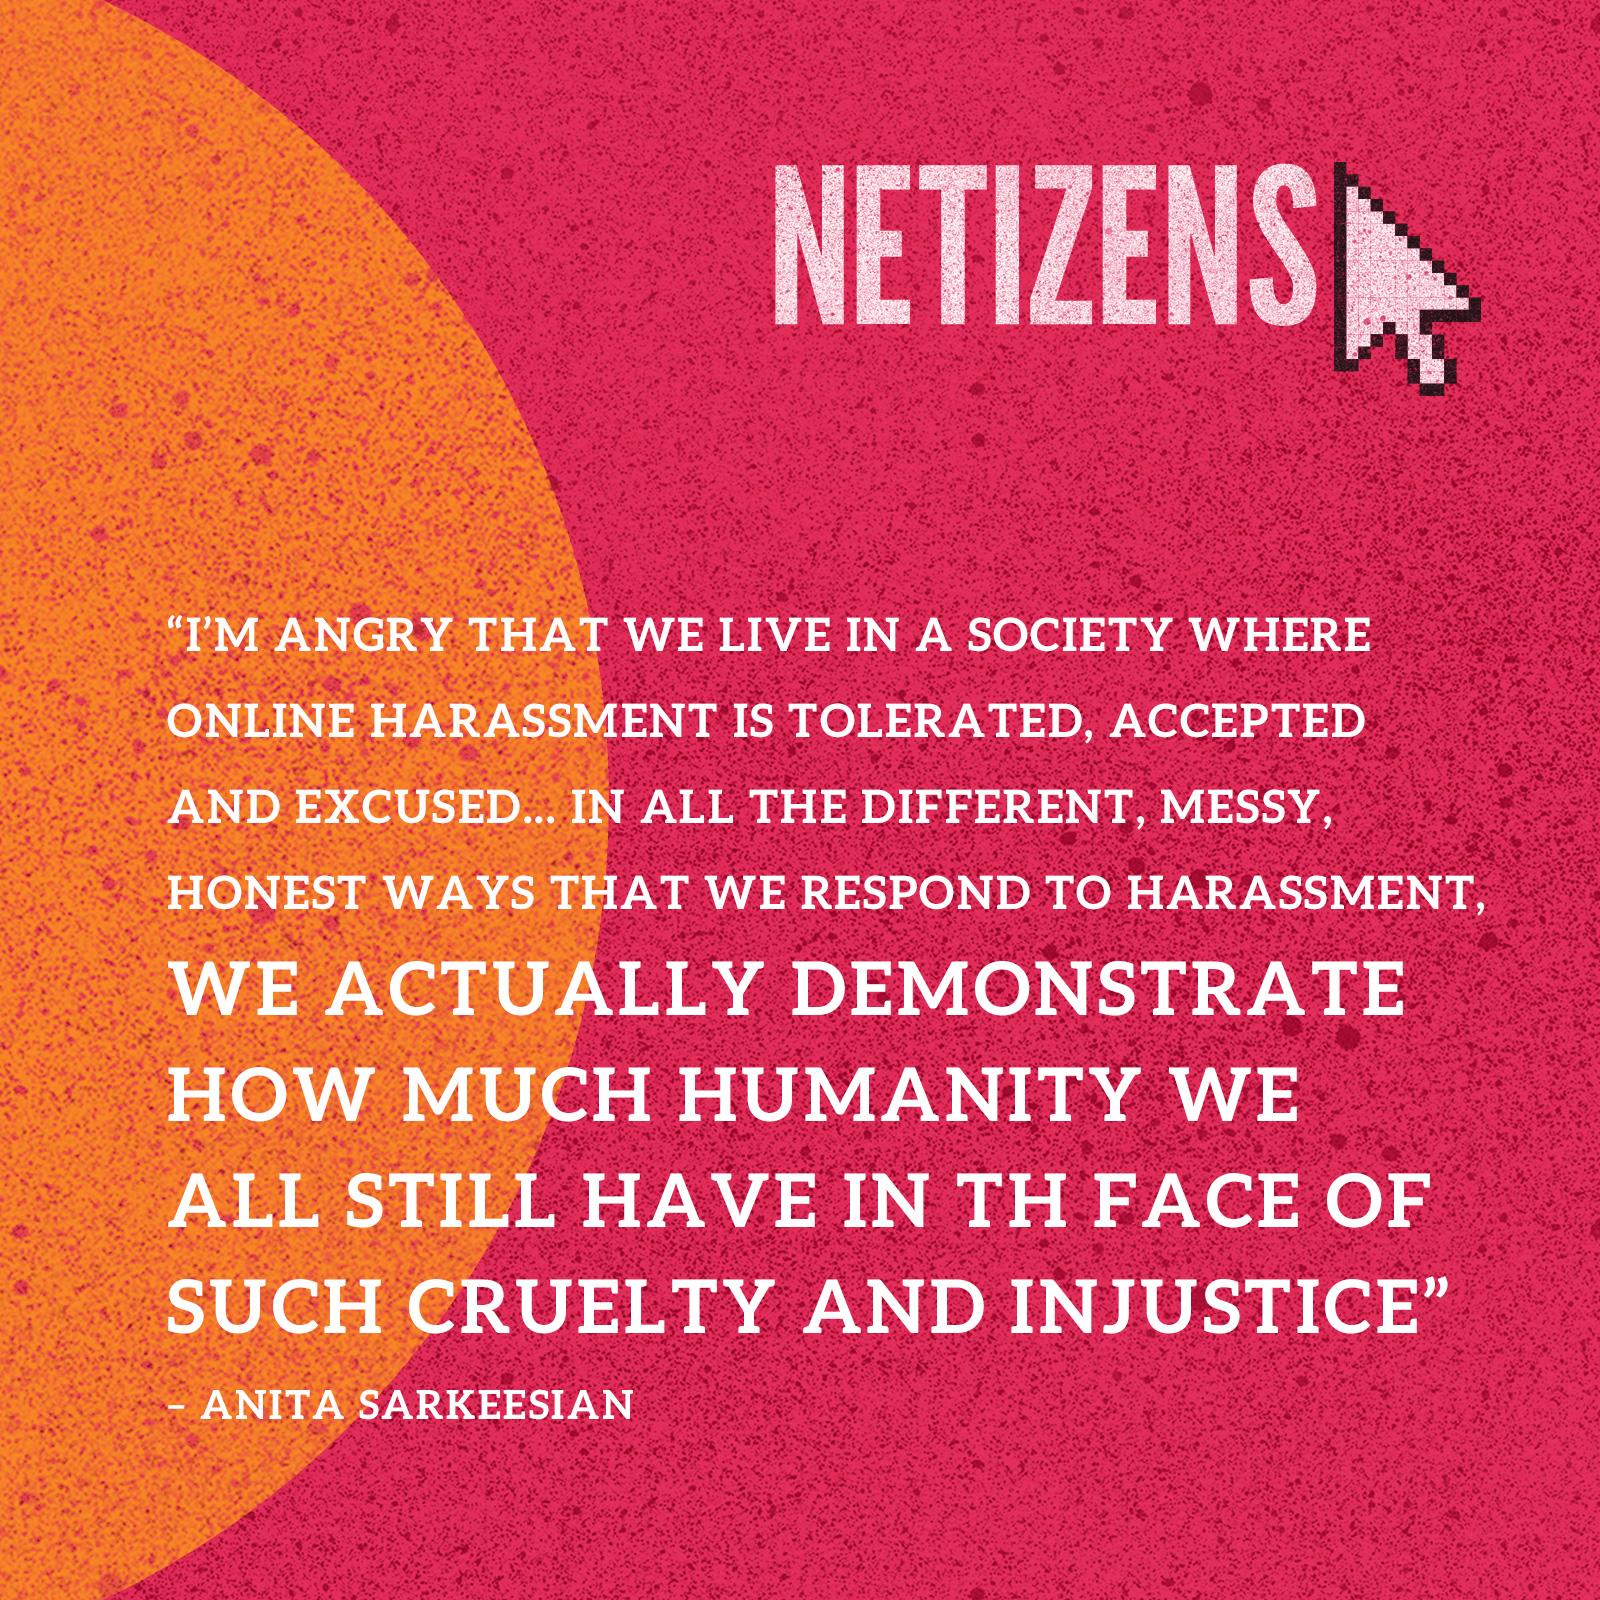 Netizens-SocialImage-9-v1.jpg